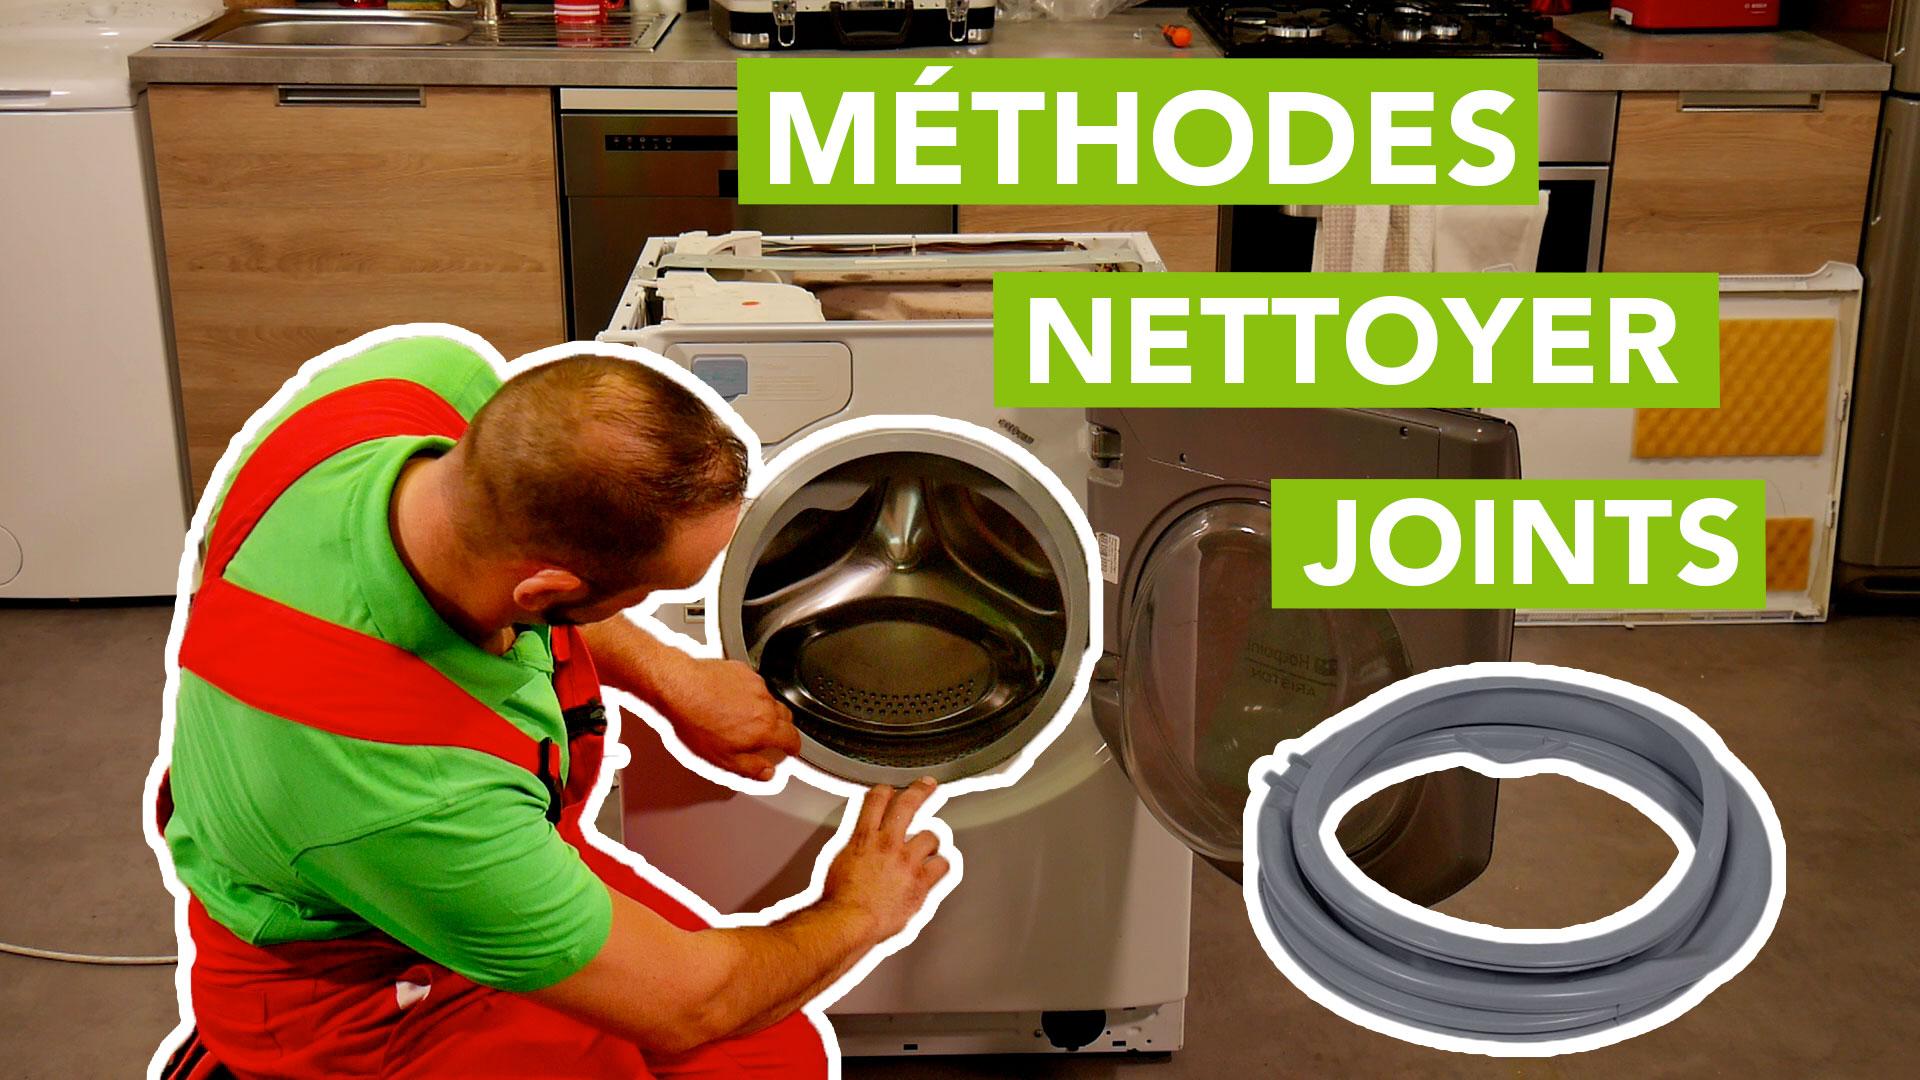 methodes pour nettoyer les joints de ses appareils électroménager